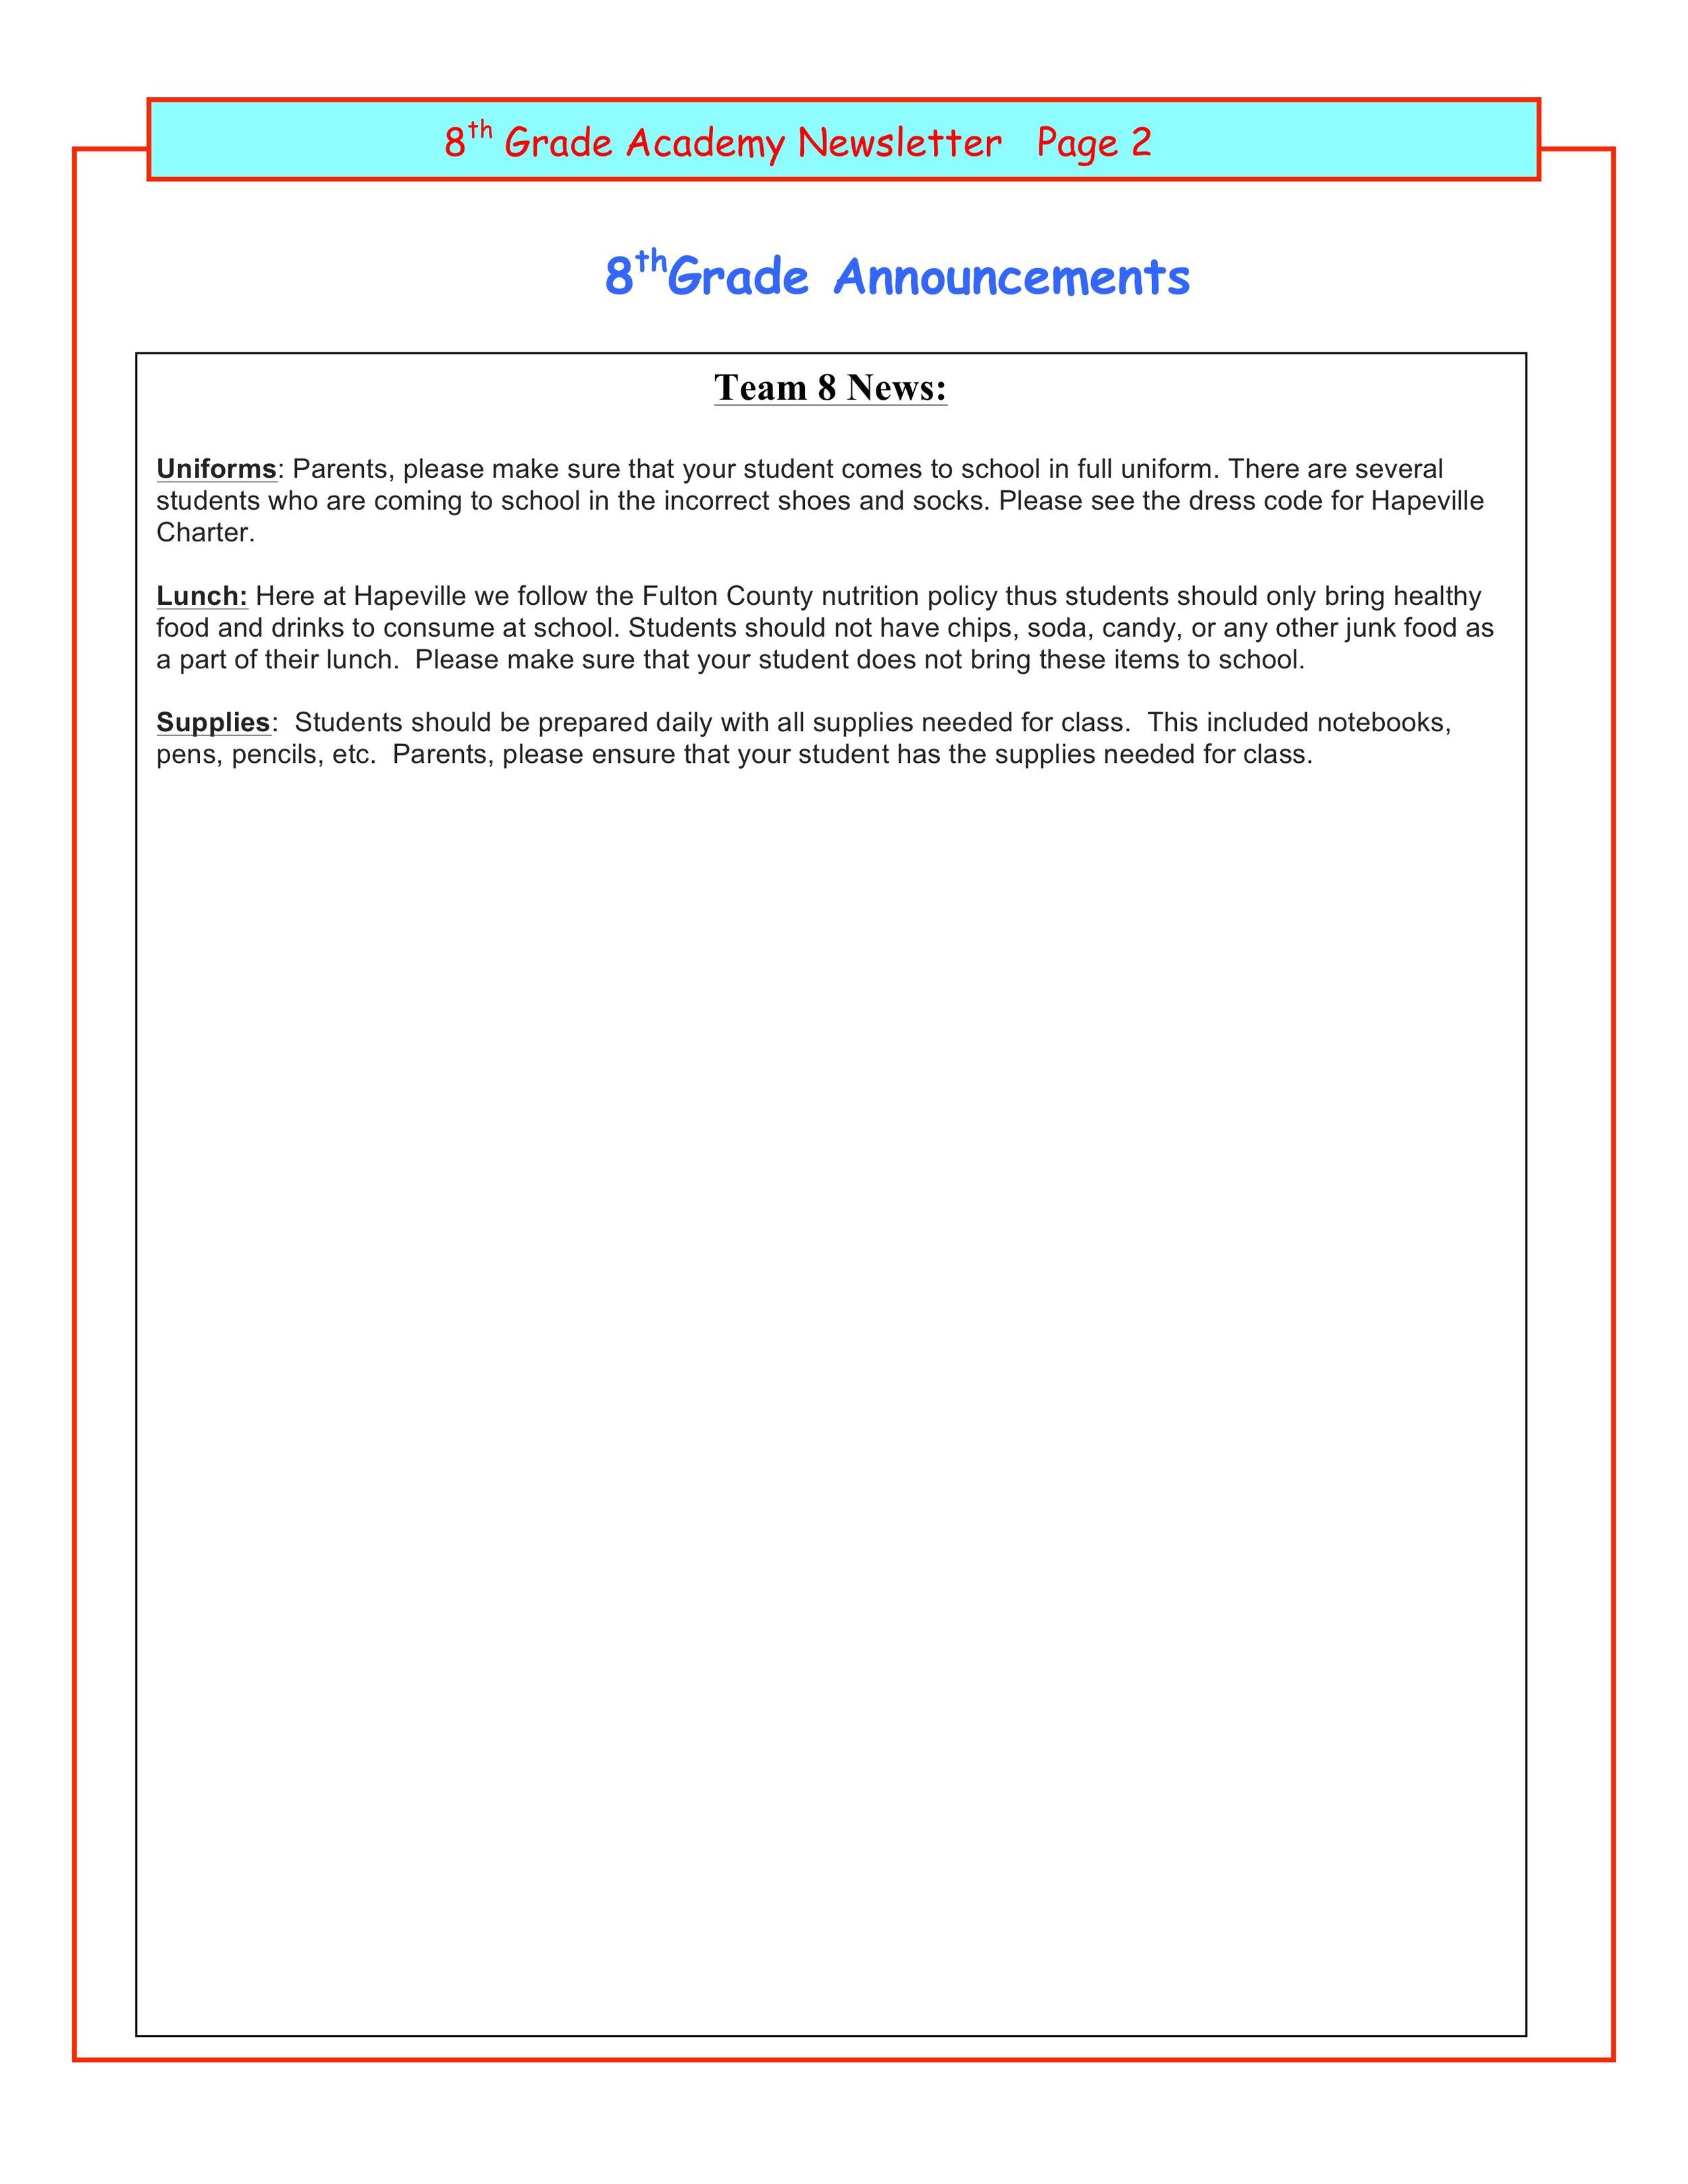 Newsletter Image8th grade sept 8 2014 2.jpeg